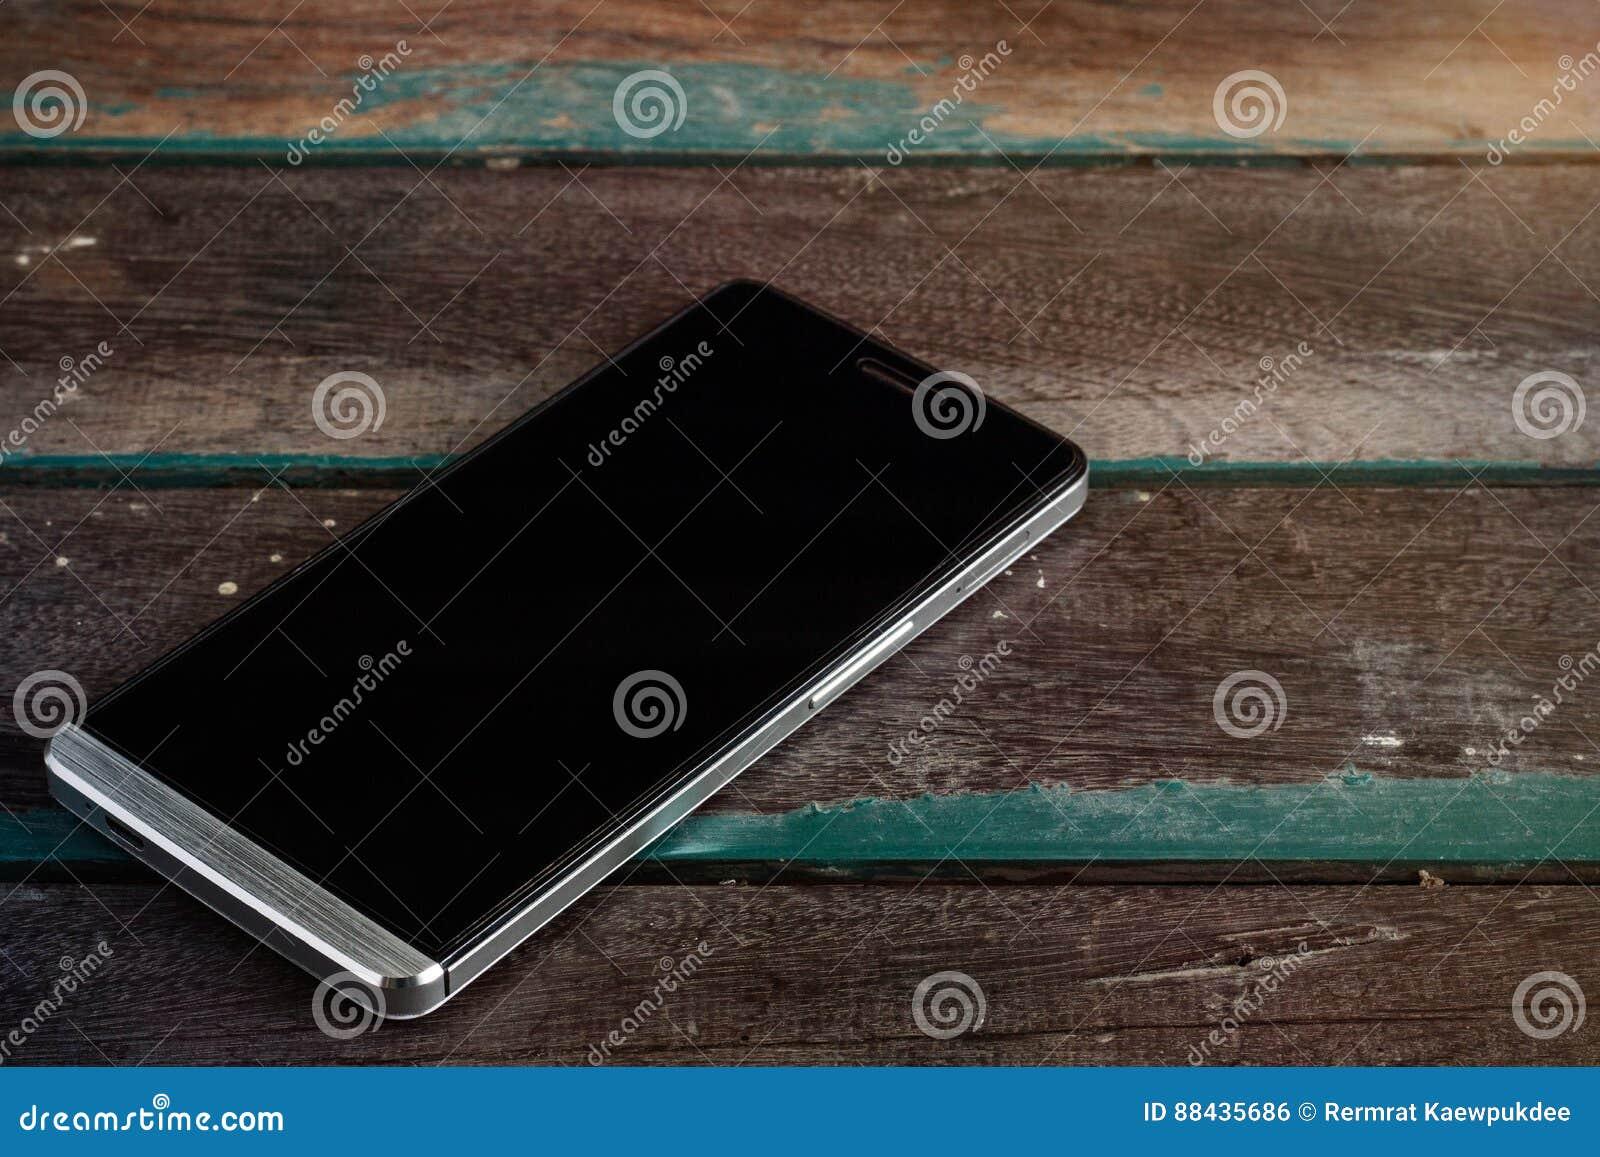 Telefoon op een hout